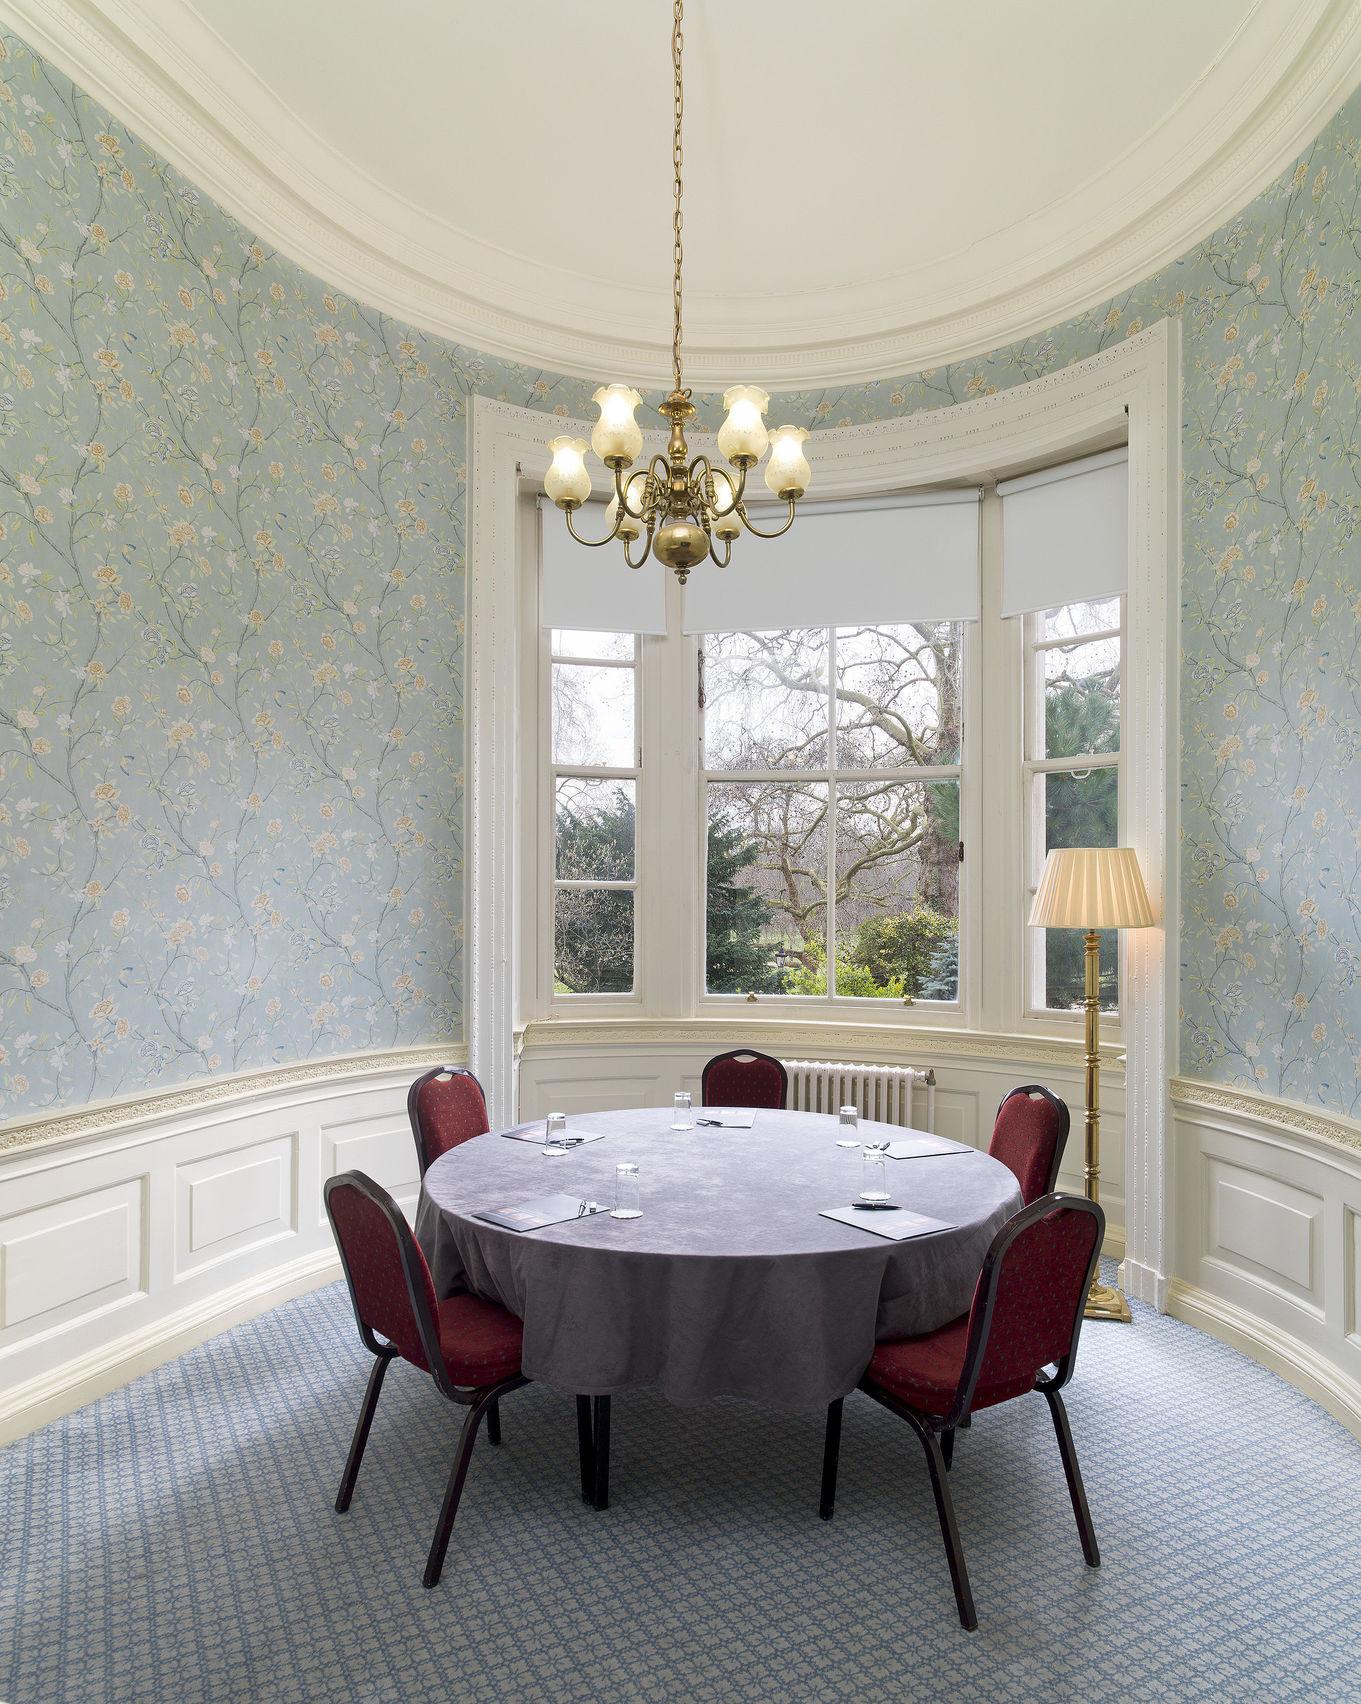 Park Room, The Royal Over-Seas League